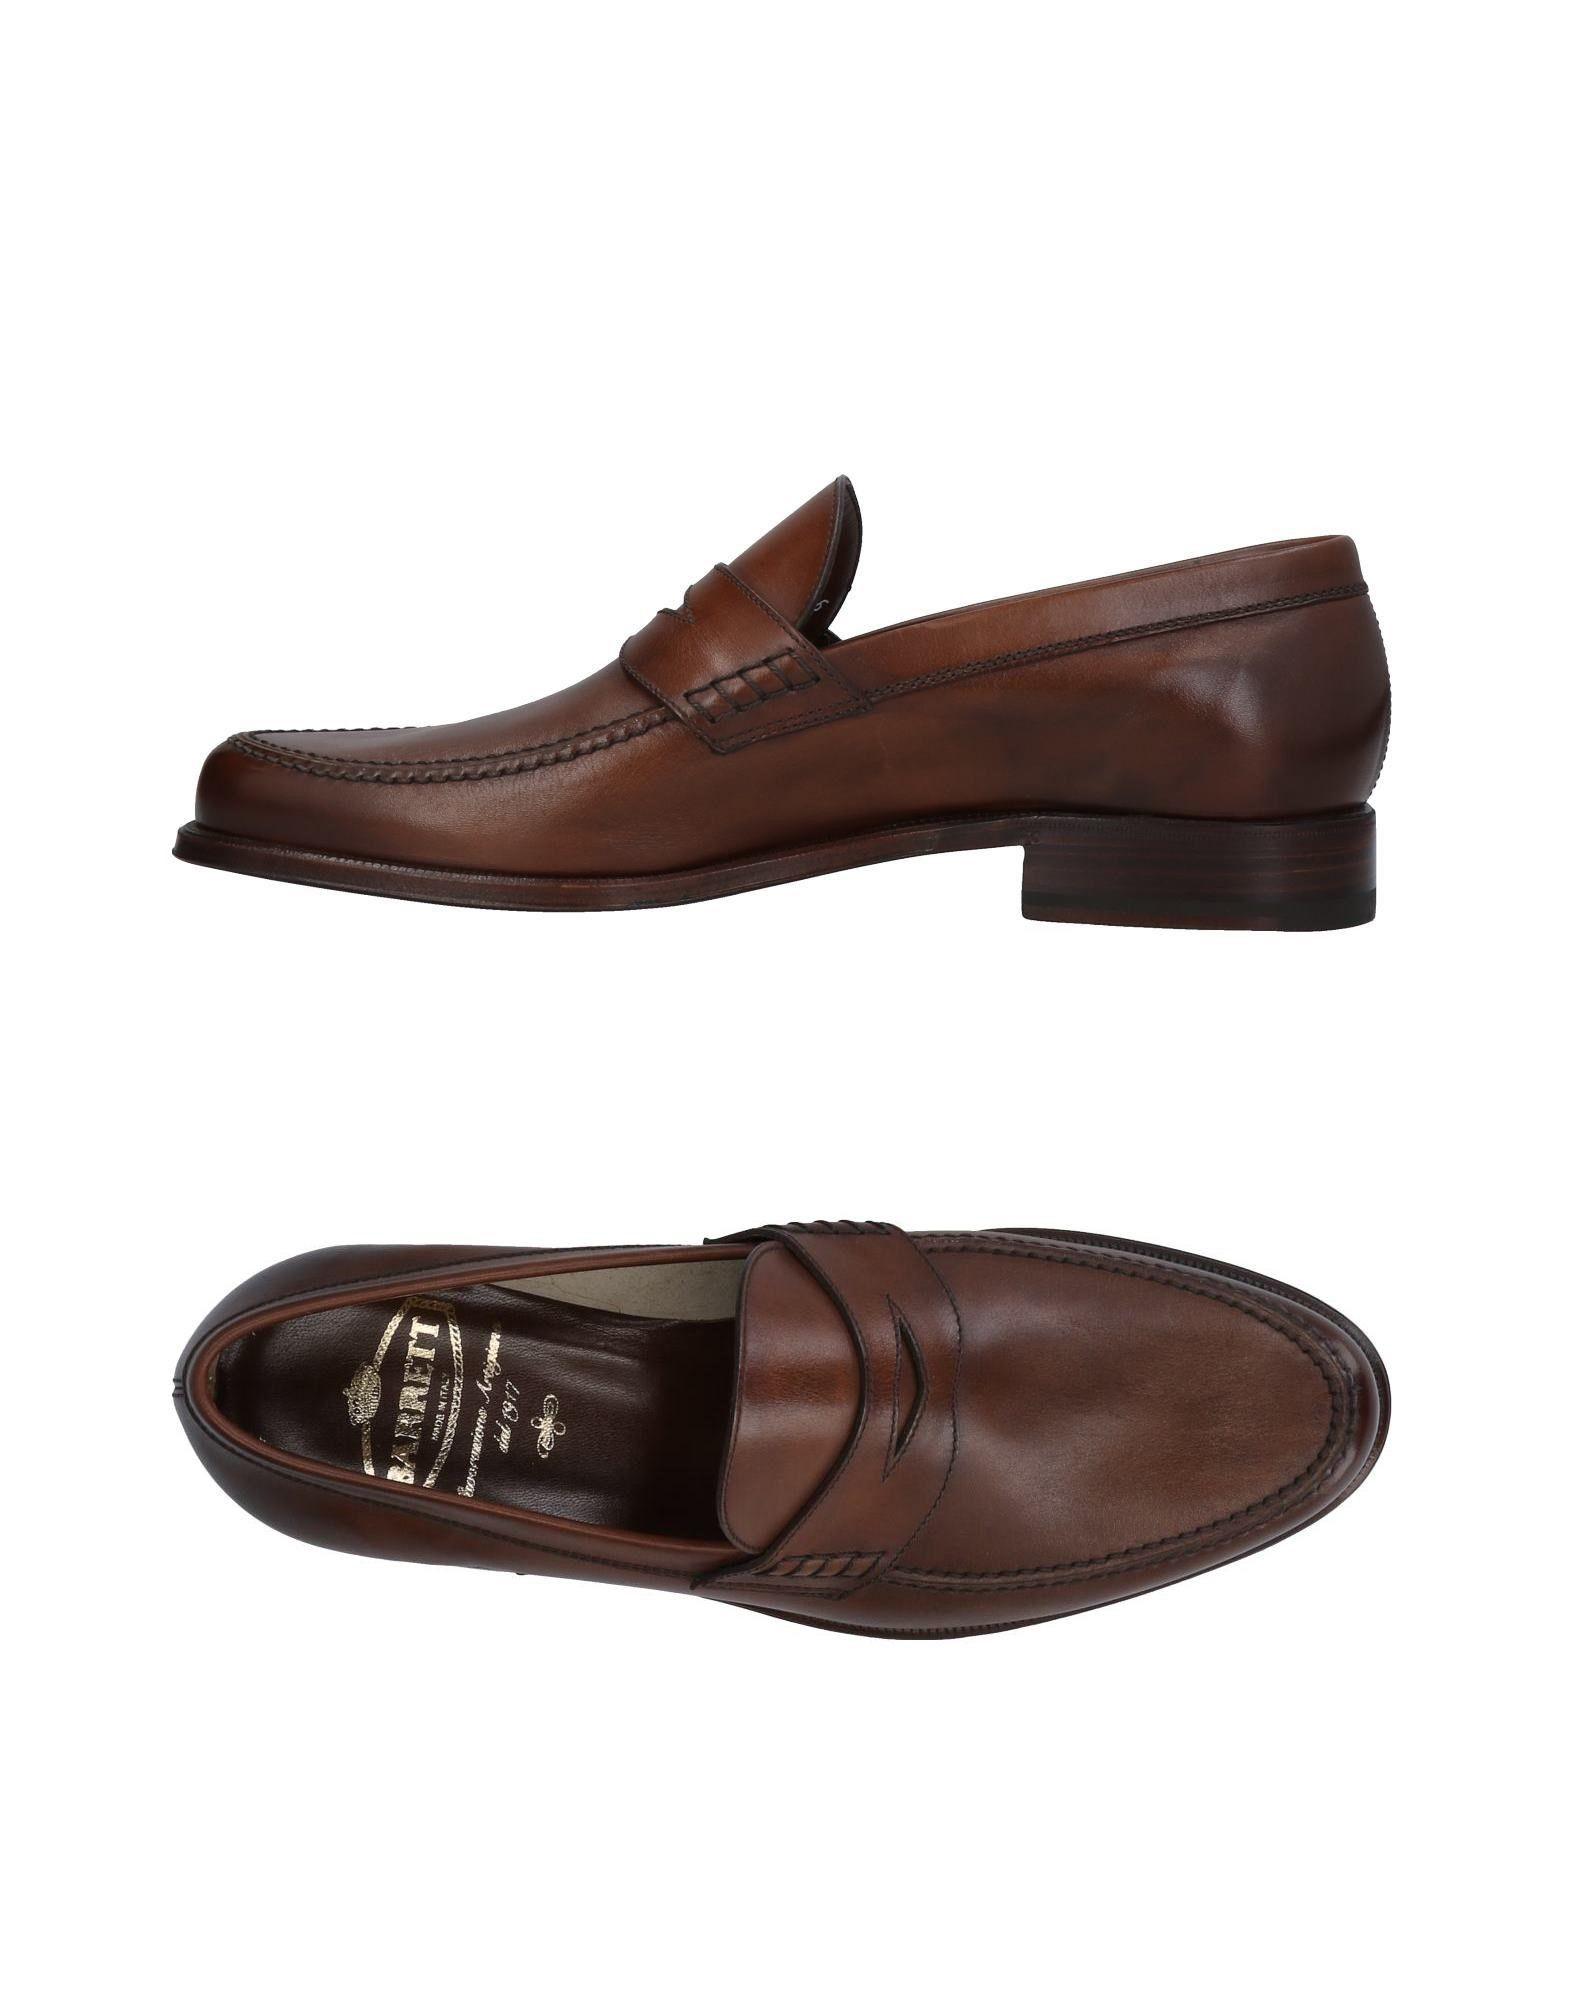 Stringate Boemos Donna - 11331276PK Scarpe economiche e buone